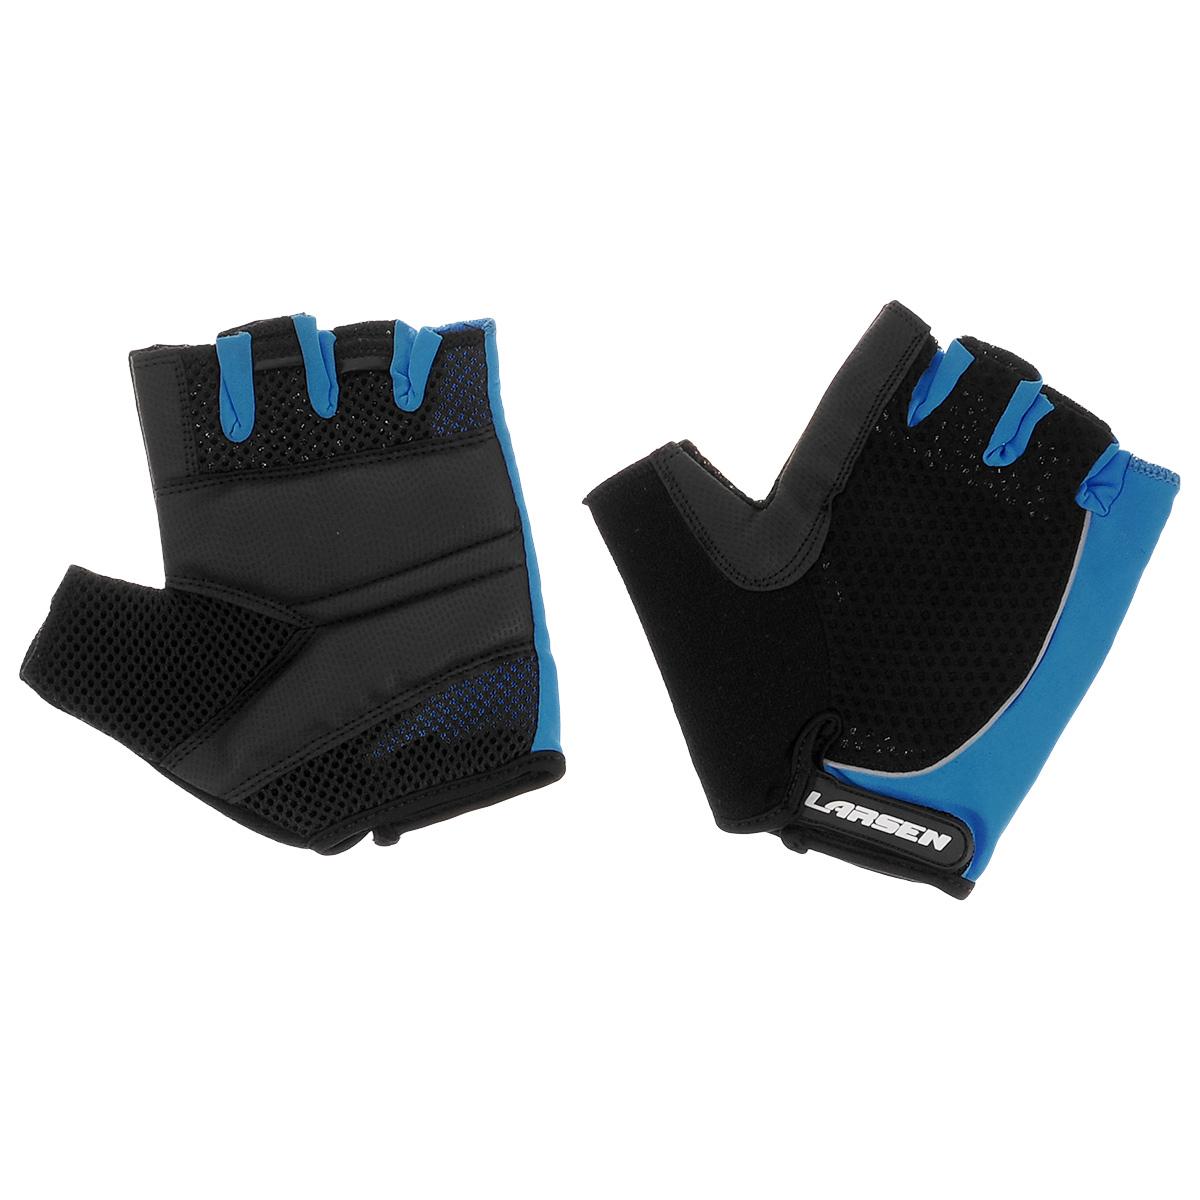 Велоперчатки Larsen, цвет: черный, синий. Размер L01-1232Велоперчатки Larsen выполнены из высококачественного нейлона и амары. Ладони оснащены накладкой из полиуретана для повышенного сцепления и системой Pull Off на пальцах. Застежка Velcro надежно фиксирует перчатки на руке. Сетка способствует хорошей вентиляции.